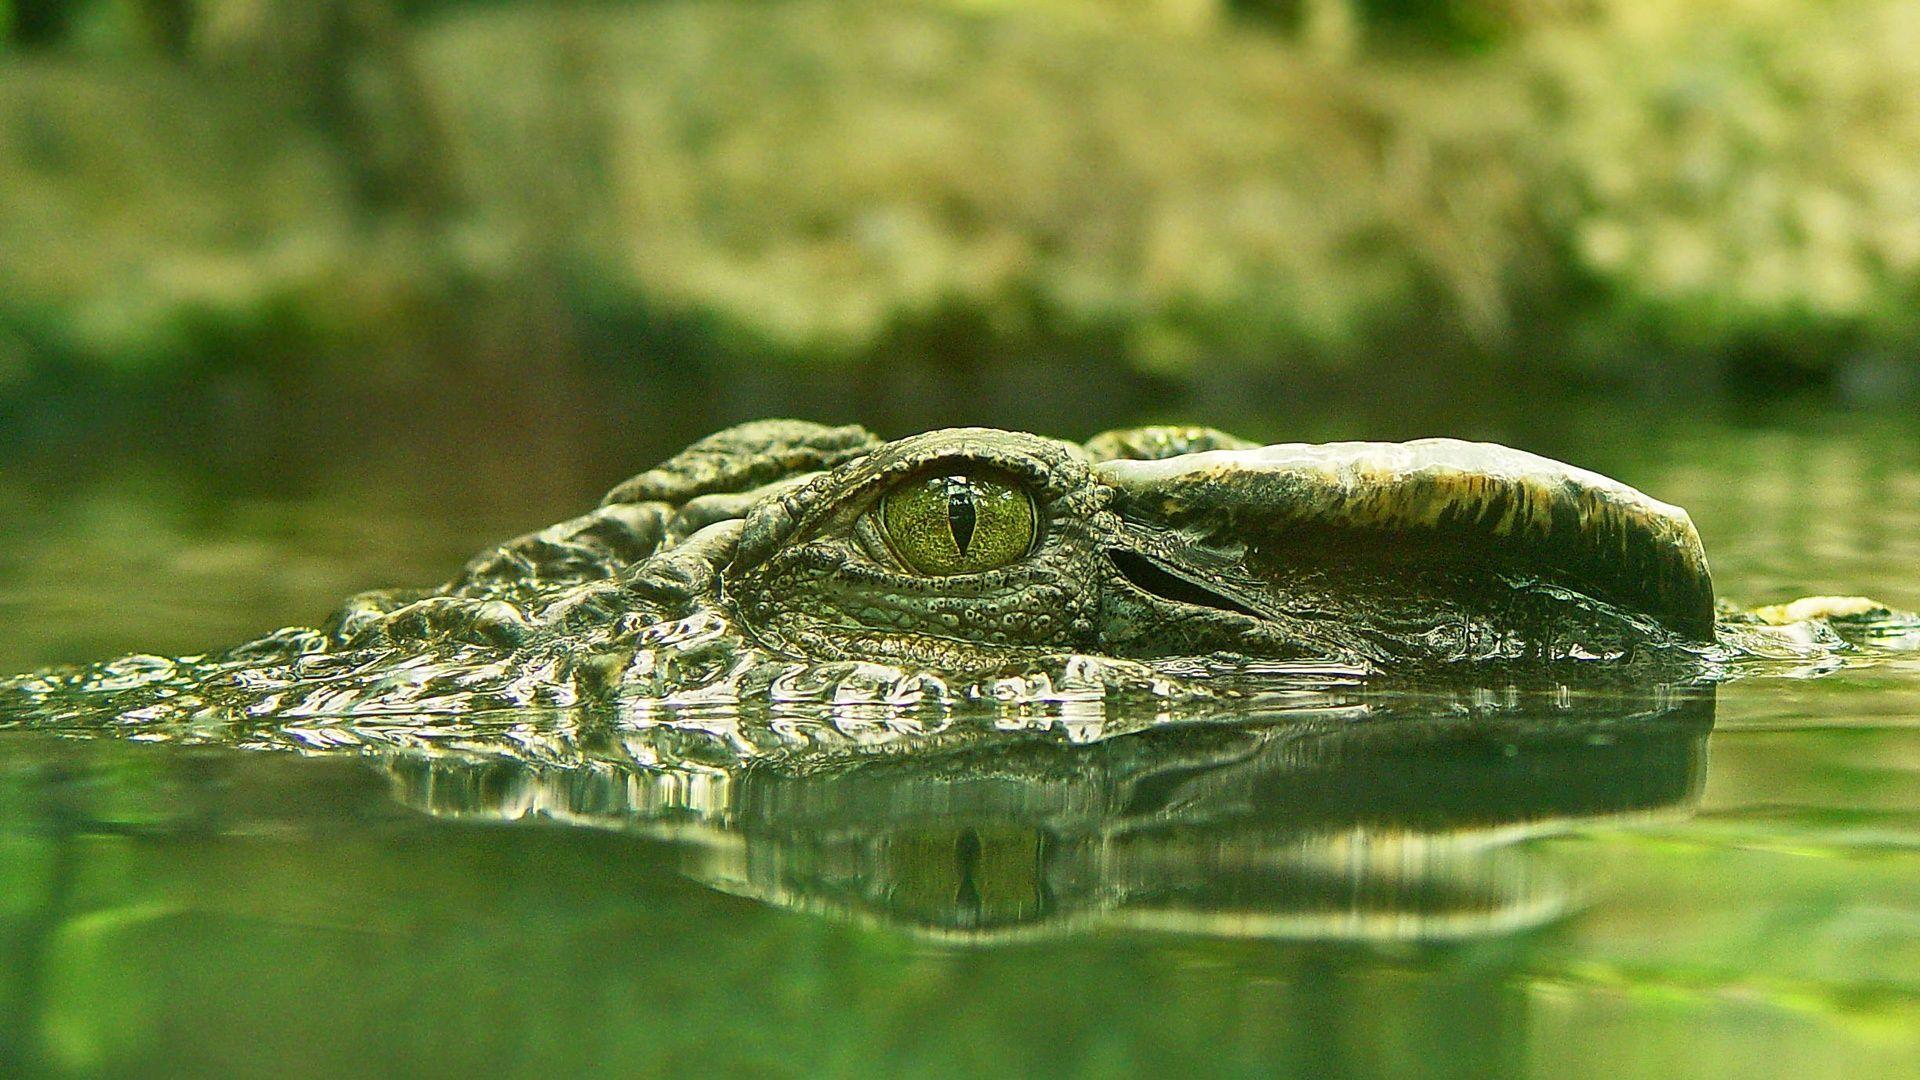 Nilsky Crocodile Photo Green